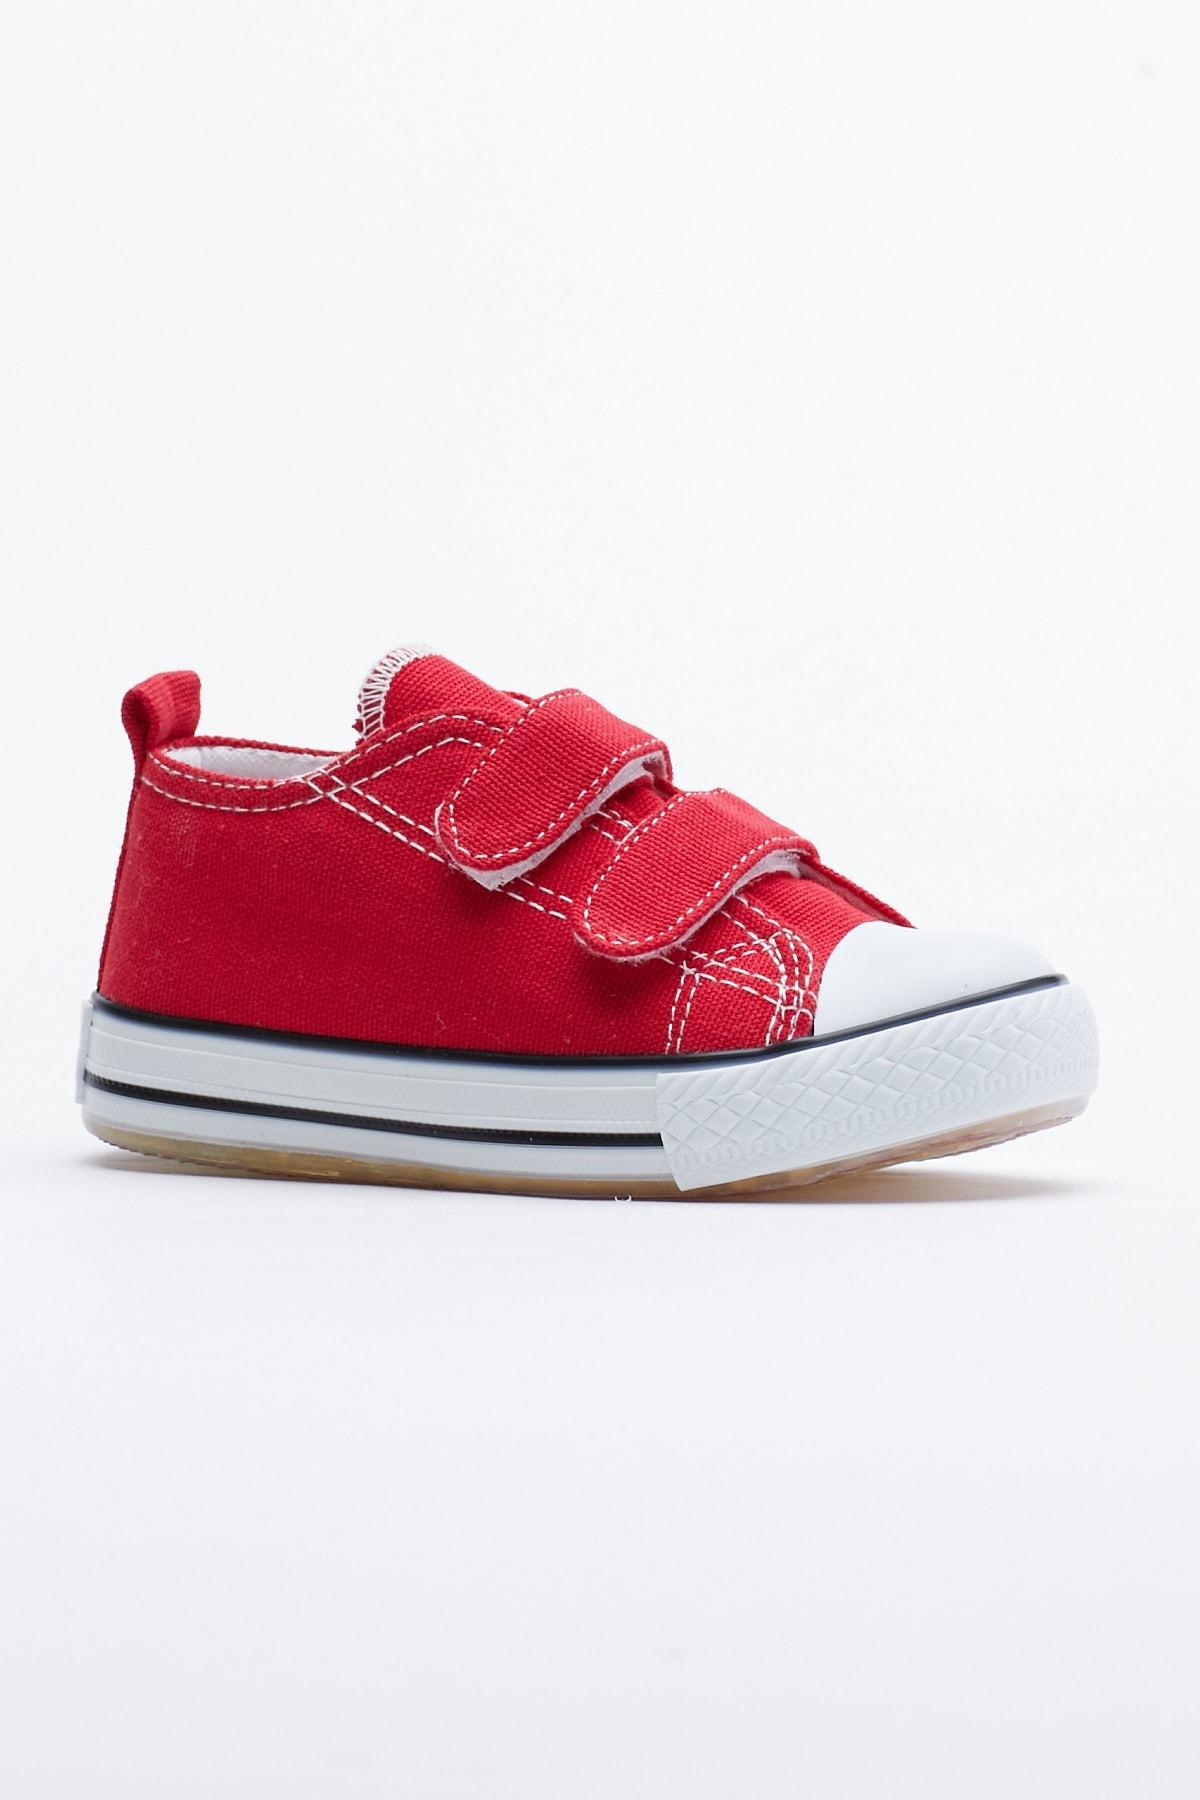 Tonny Black Kırmızı Çocuk Spor Ayakkabı Cırtlı Tb997